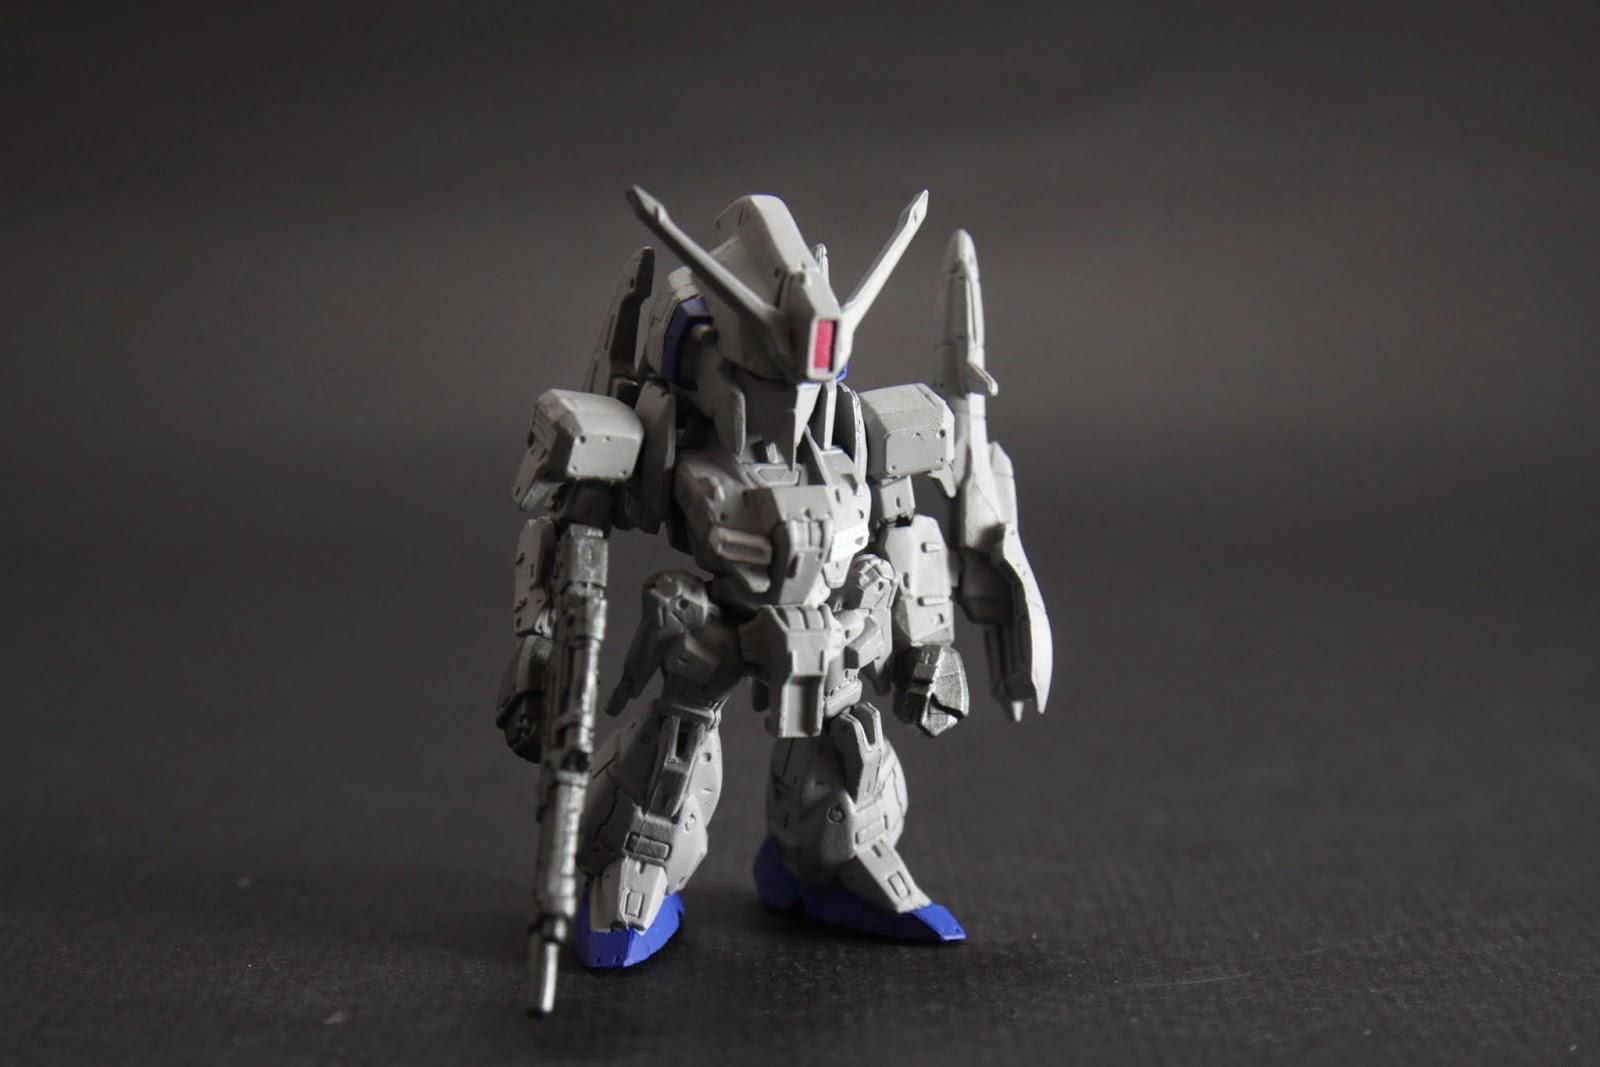 外型就有Z Gundam的精簡化 果然很量產機的感覺